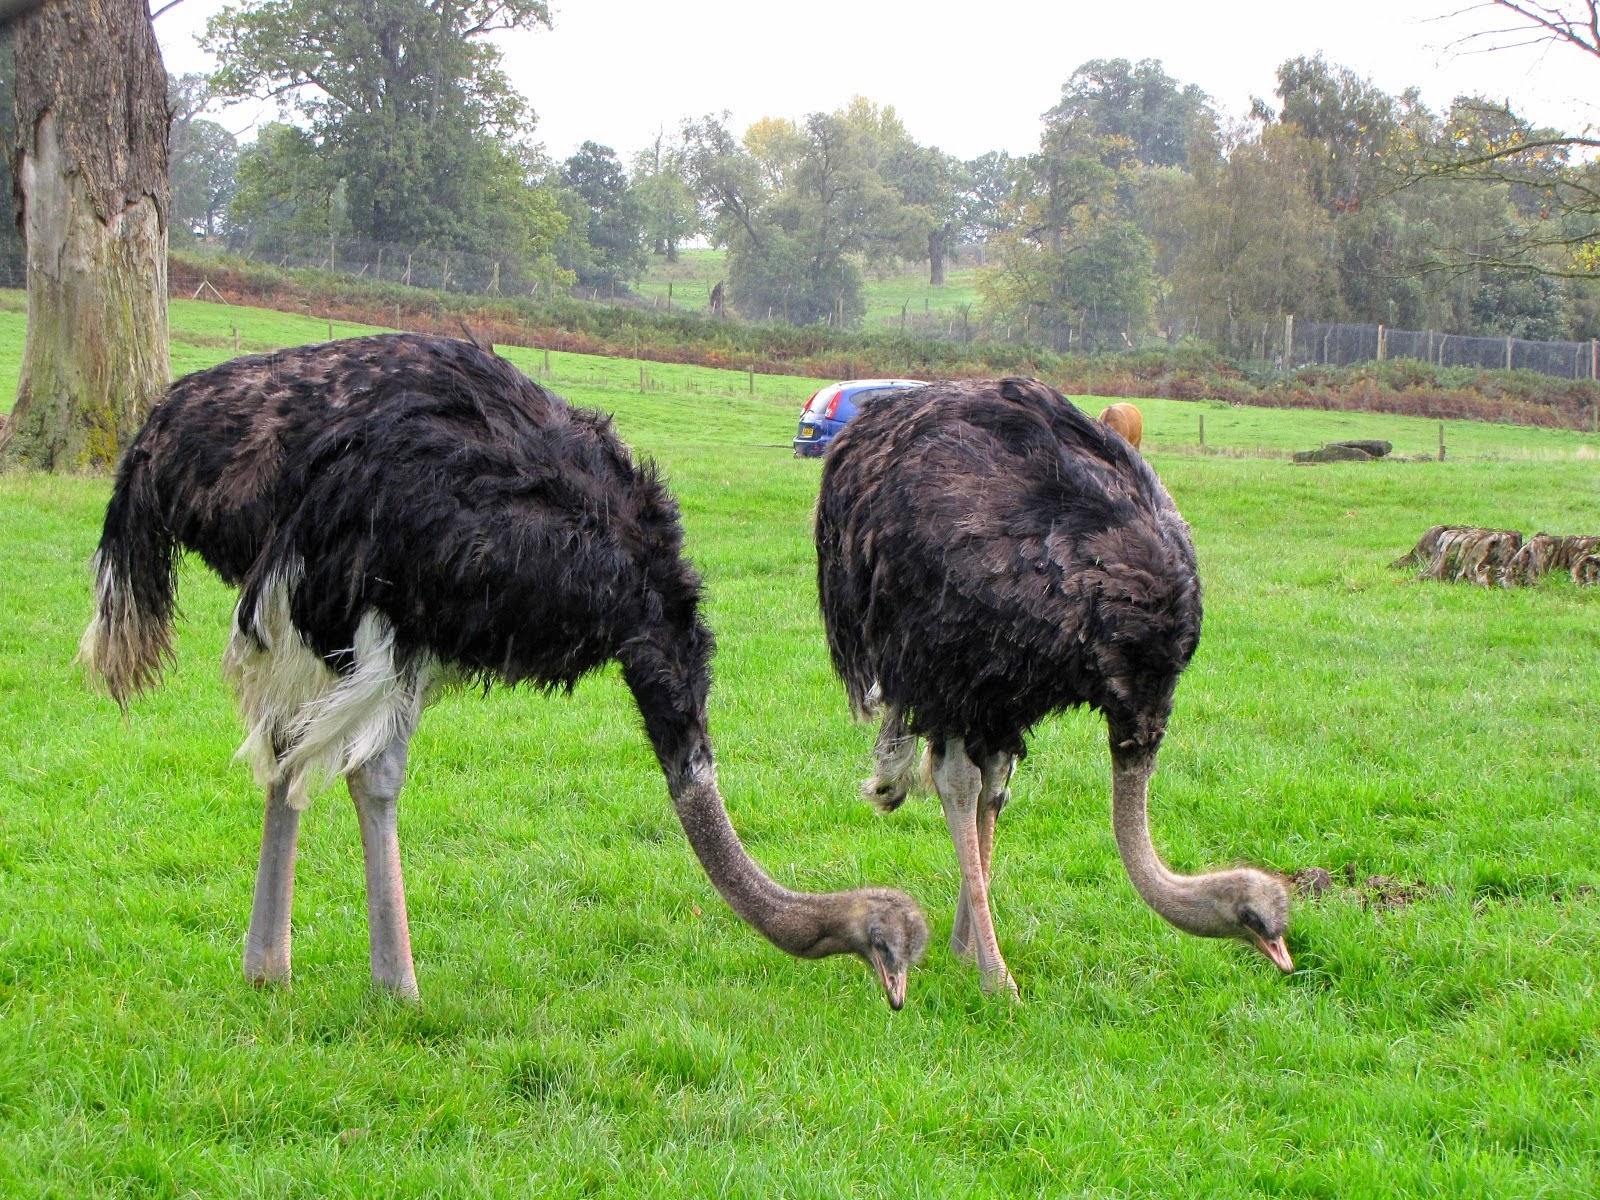 birds desert ostrich hd - photo #19